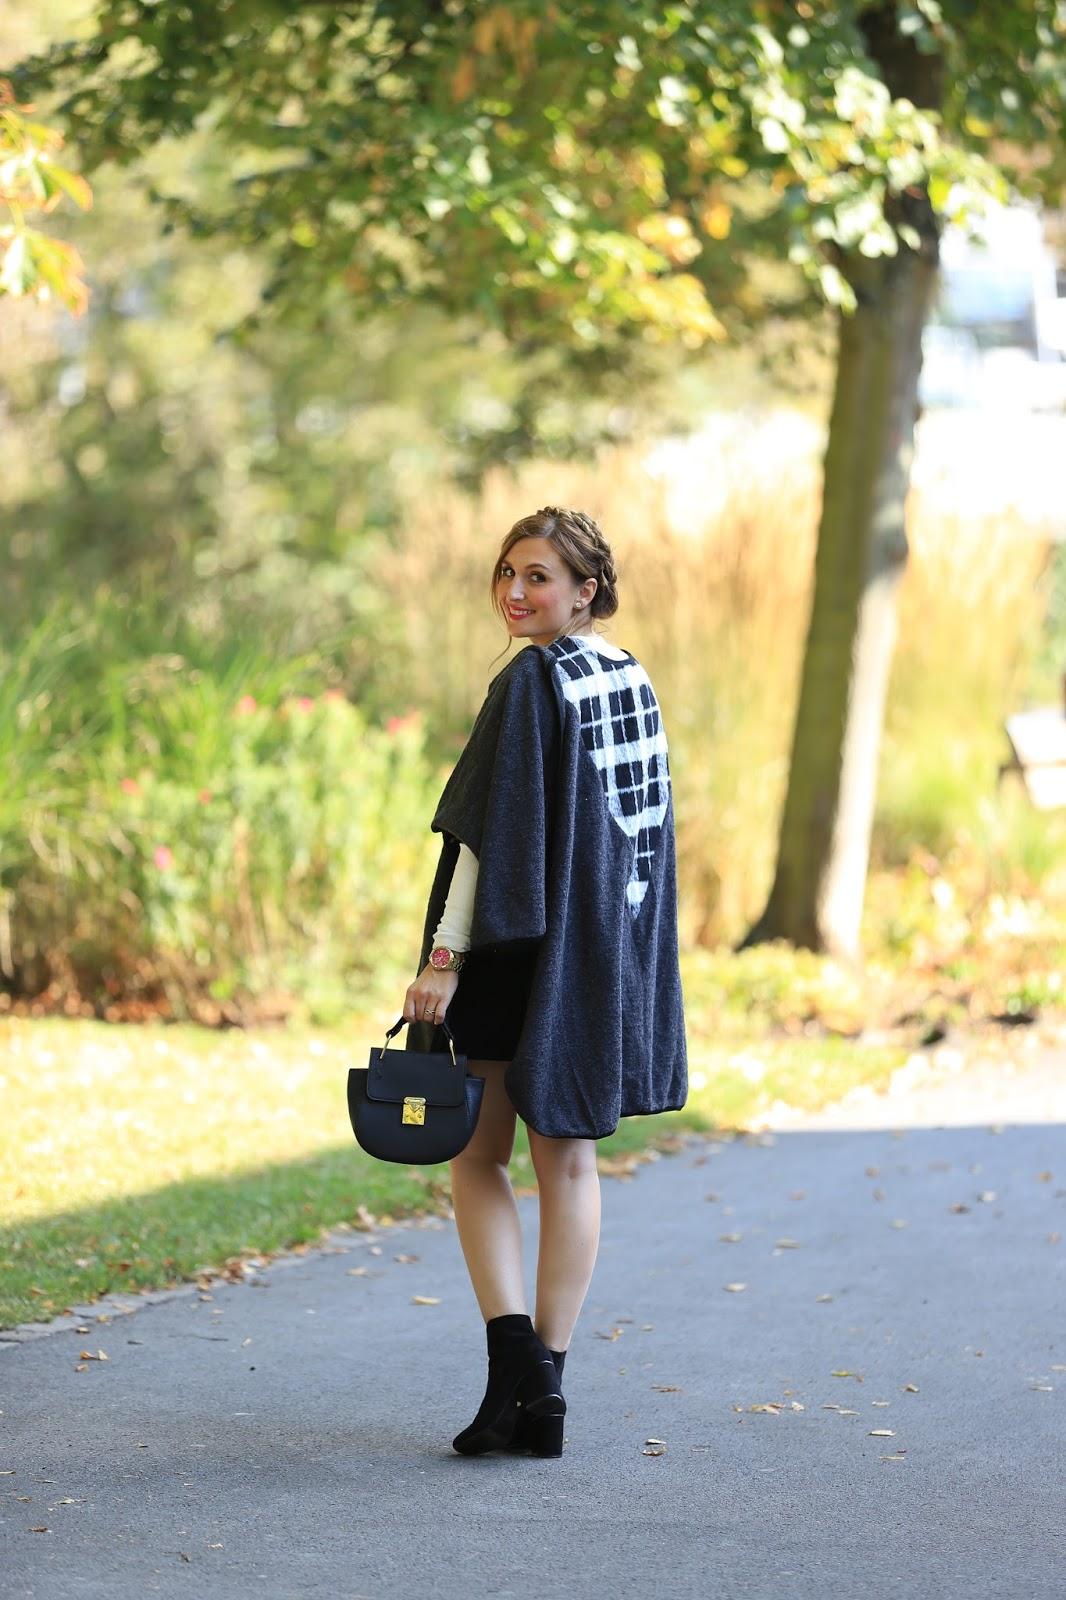 Minkpink-minkpink look Fashionstylebyjohanna-fashionblog-muenchen-munich-blogger-fashionblogger-bloggerdeutschland-lifestyleblog-modeblog-Frankfurt-Was zieht man im Herbst an-Poncho Blog